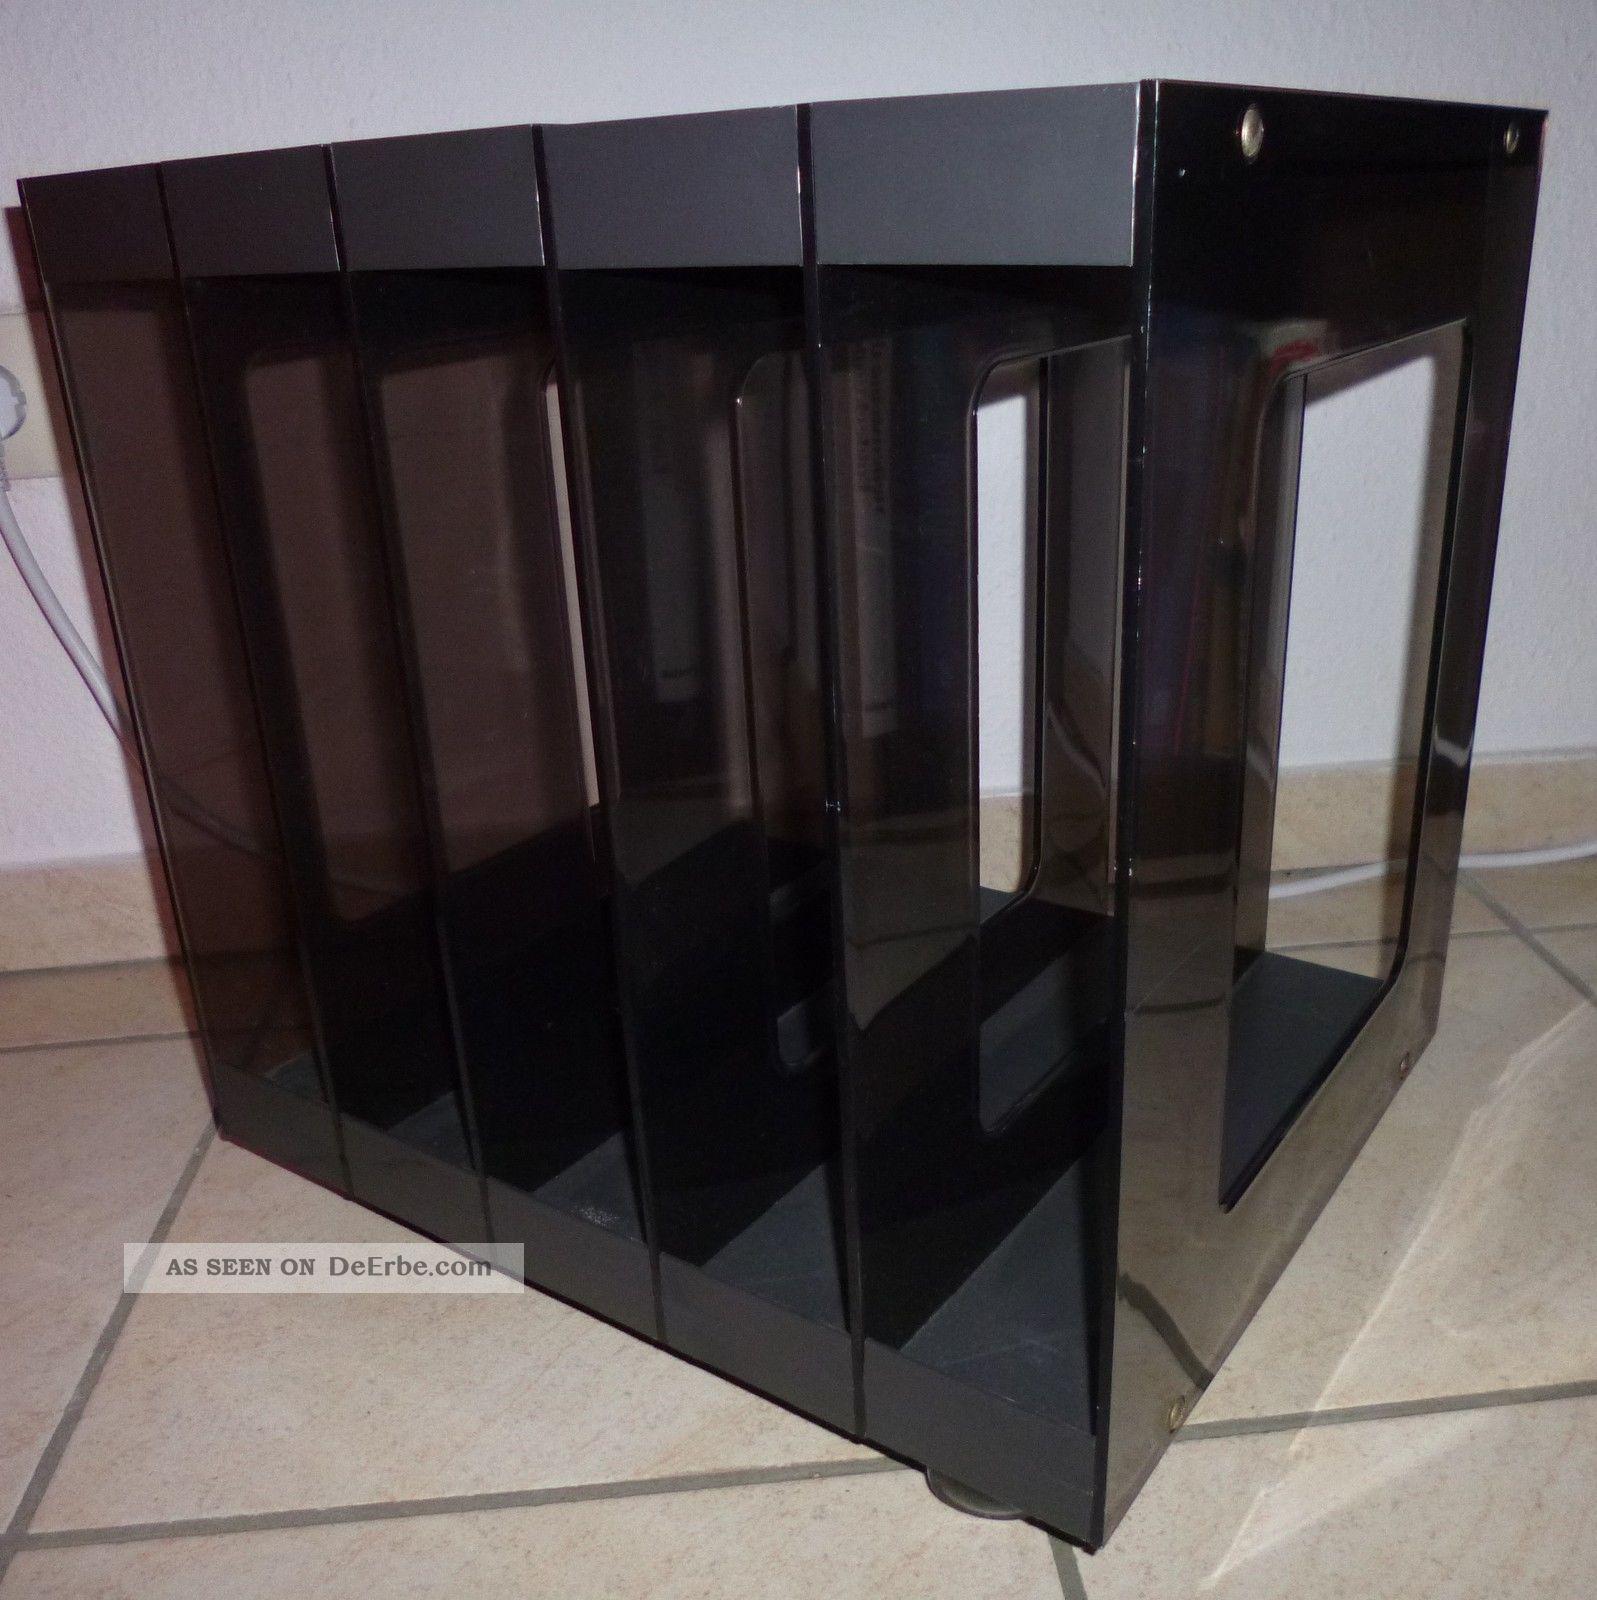 schallplatten st nder design schuber lp 39 s ca 100st ck space rollbar plexi